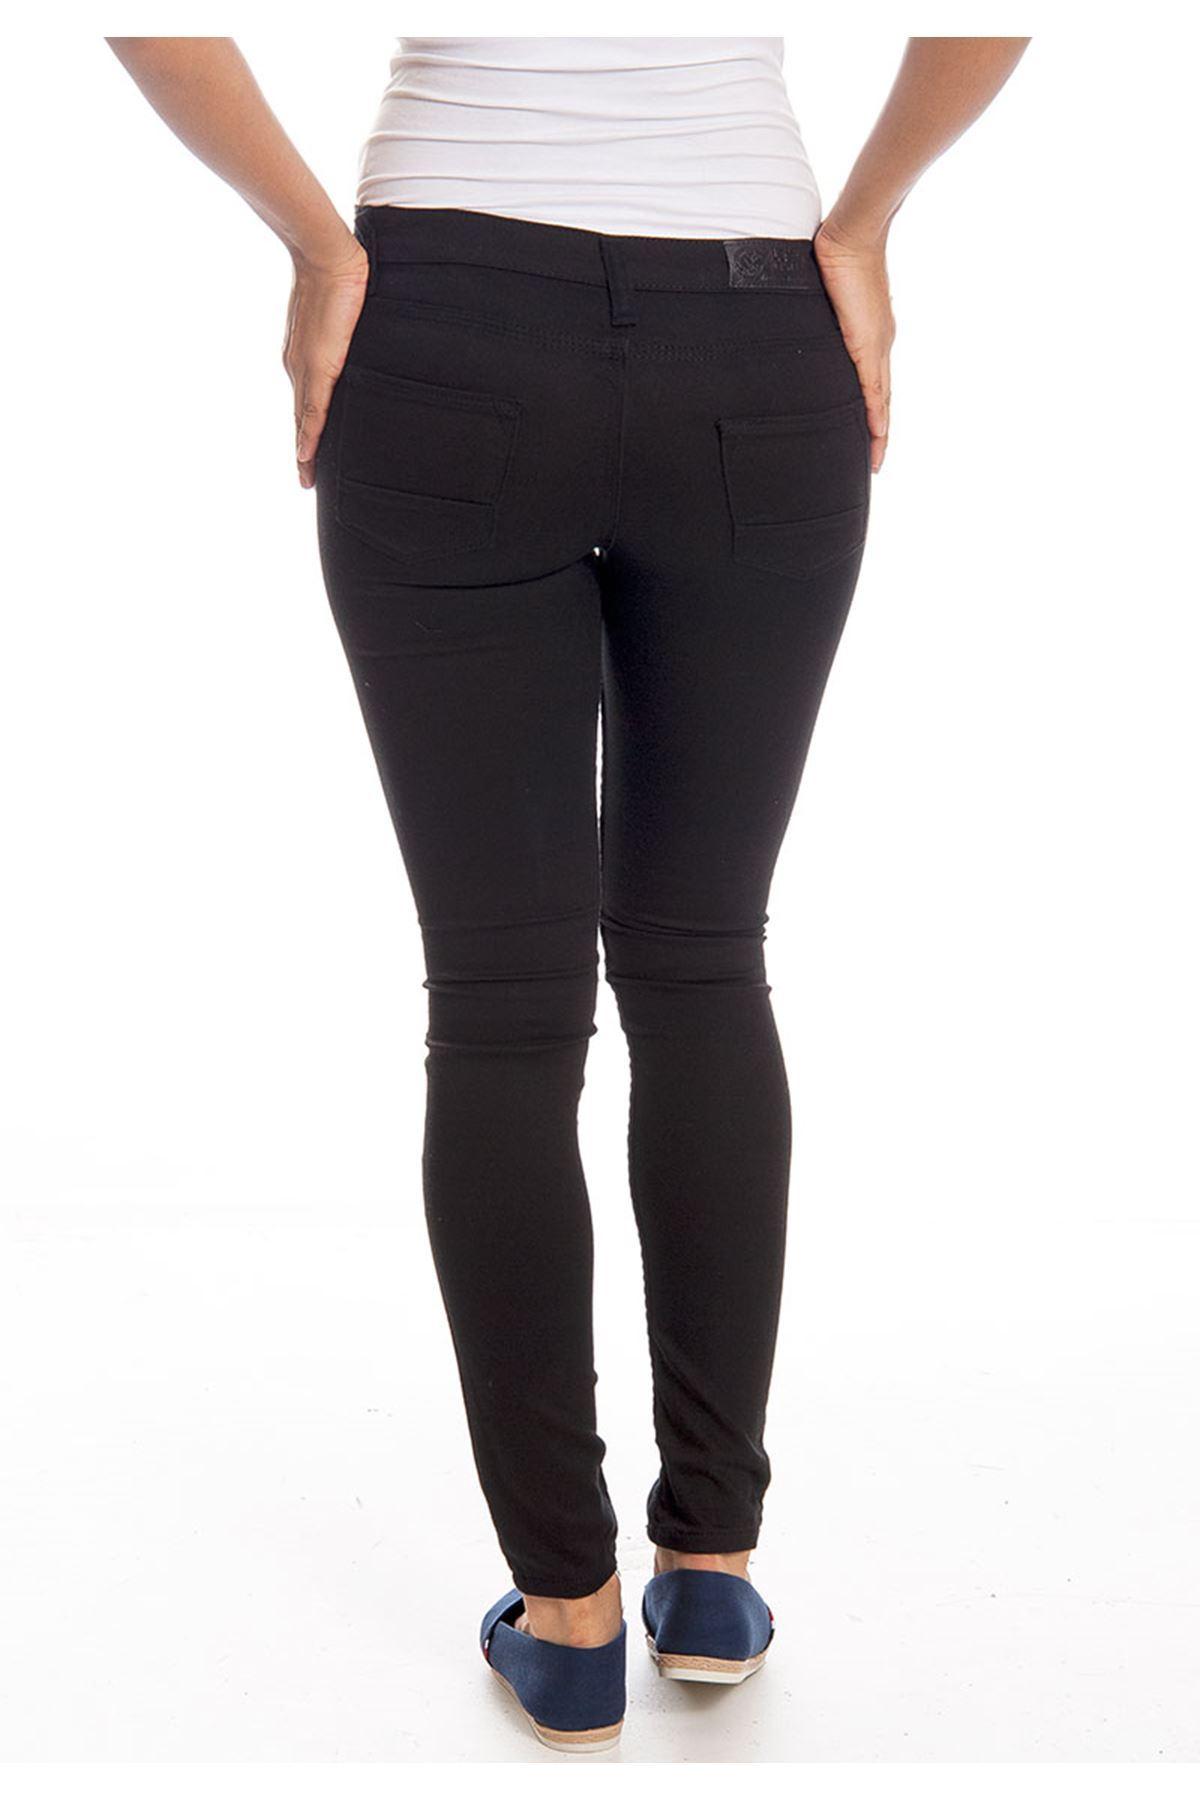 Siyah Dar Paça Kadın Pantolon 4A-126042